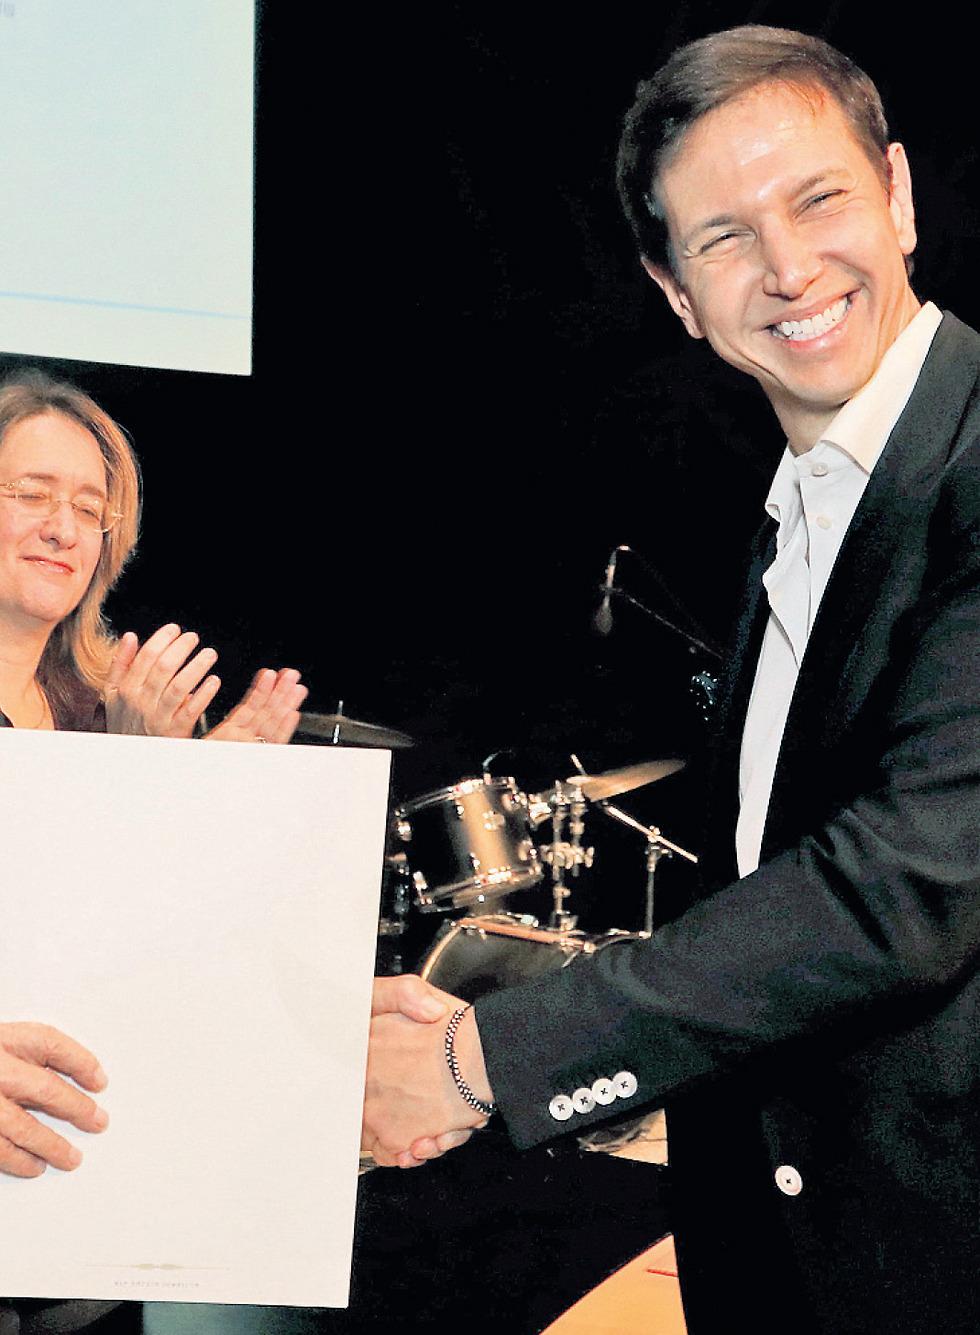 בטקס קבלת פרס סוקולוב לעיתונות כתובה ()